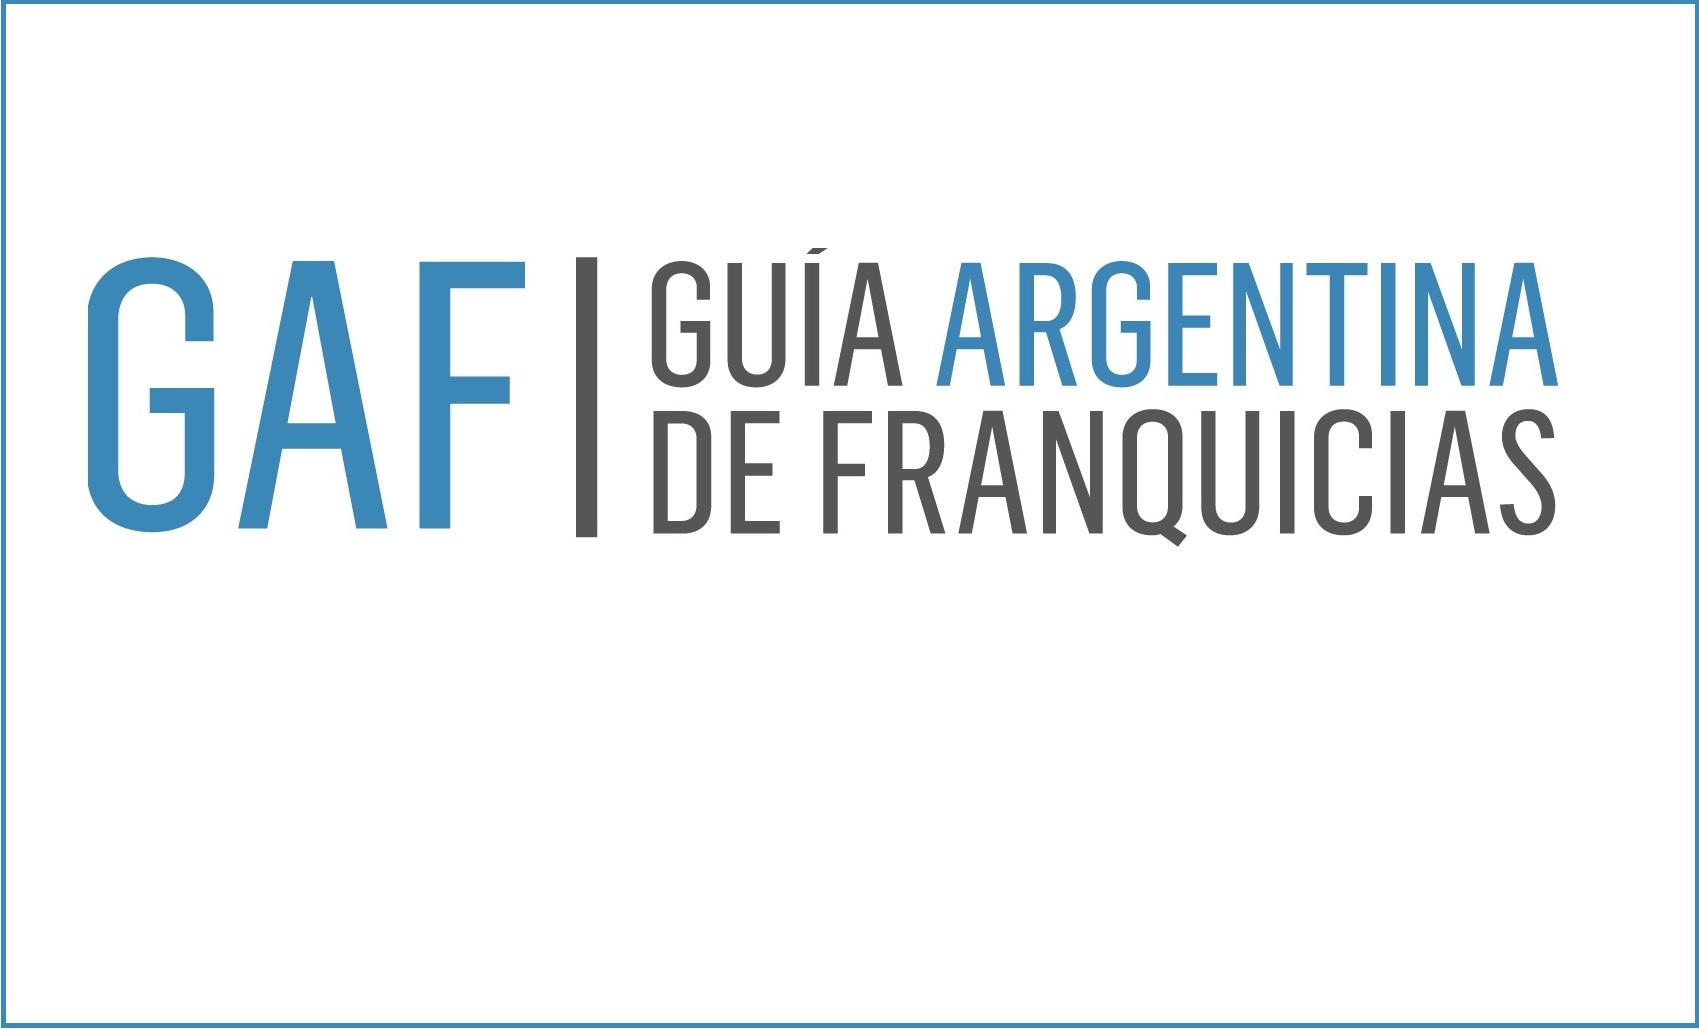 Primer Concurso Nacional para Emprendedores de Ideas de Negocio Franquiciables  del Perú